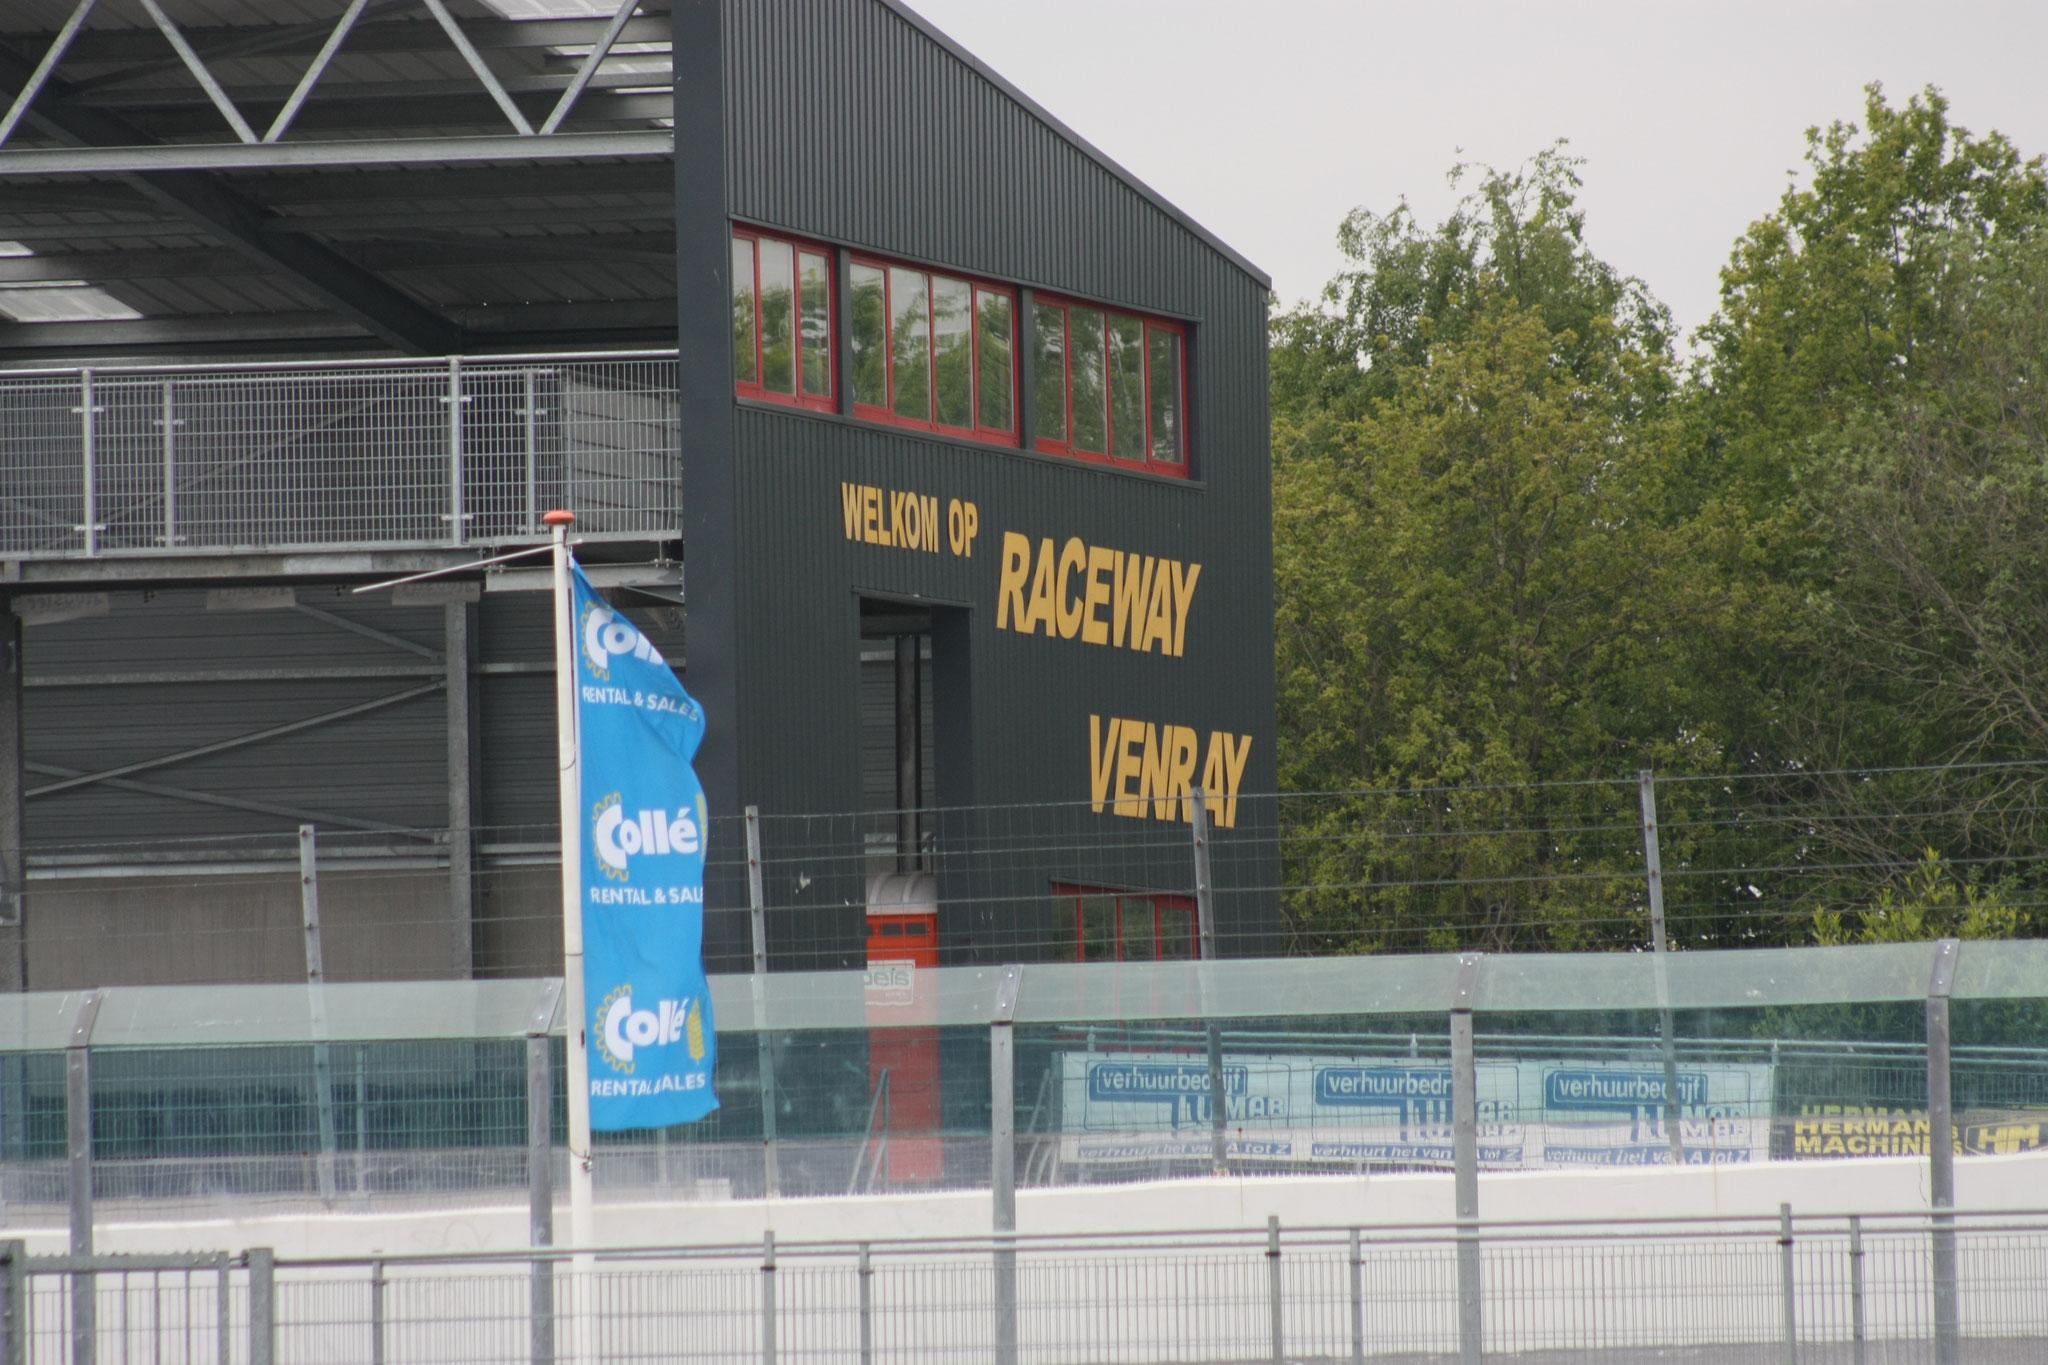 Raceway Venray aller eerste keer dat Mika op deze track rijdt.